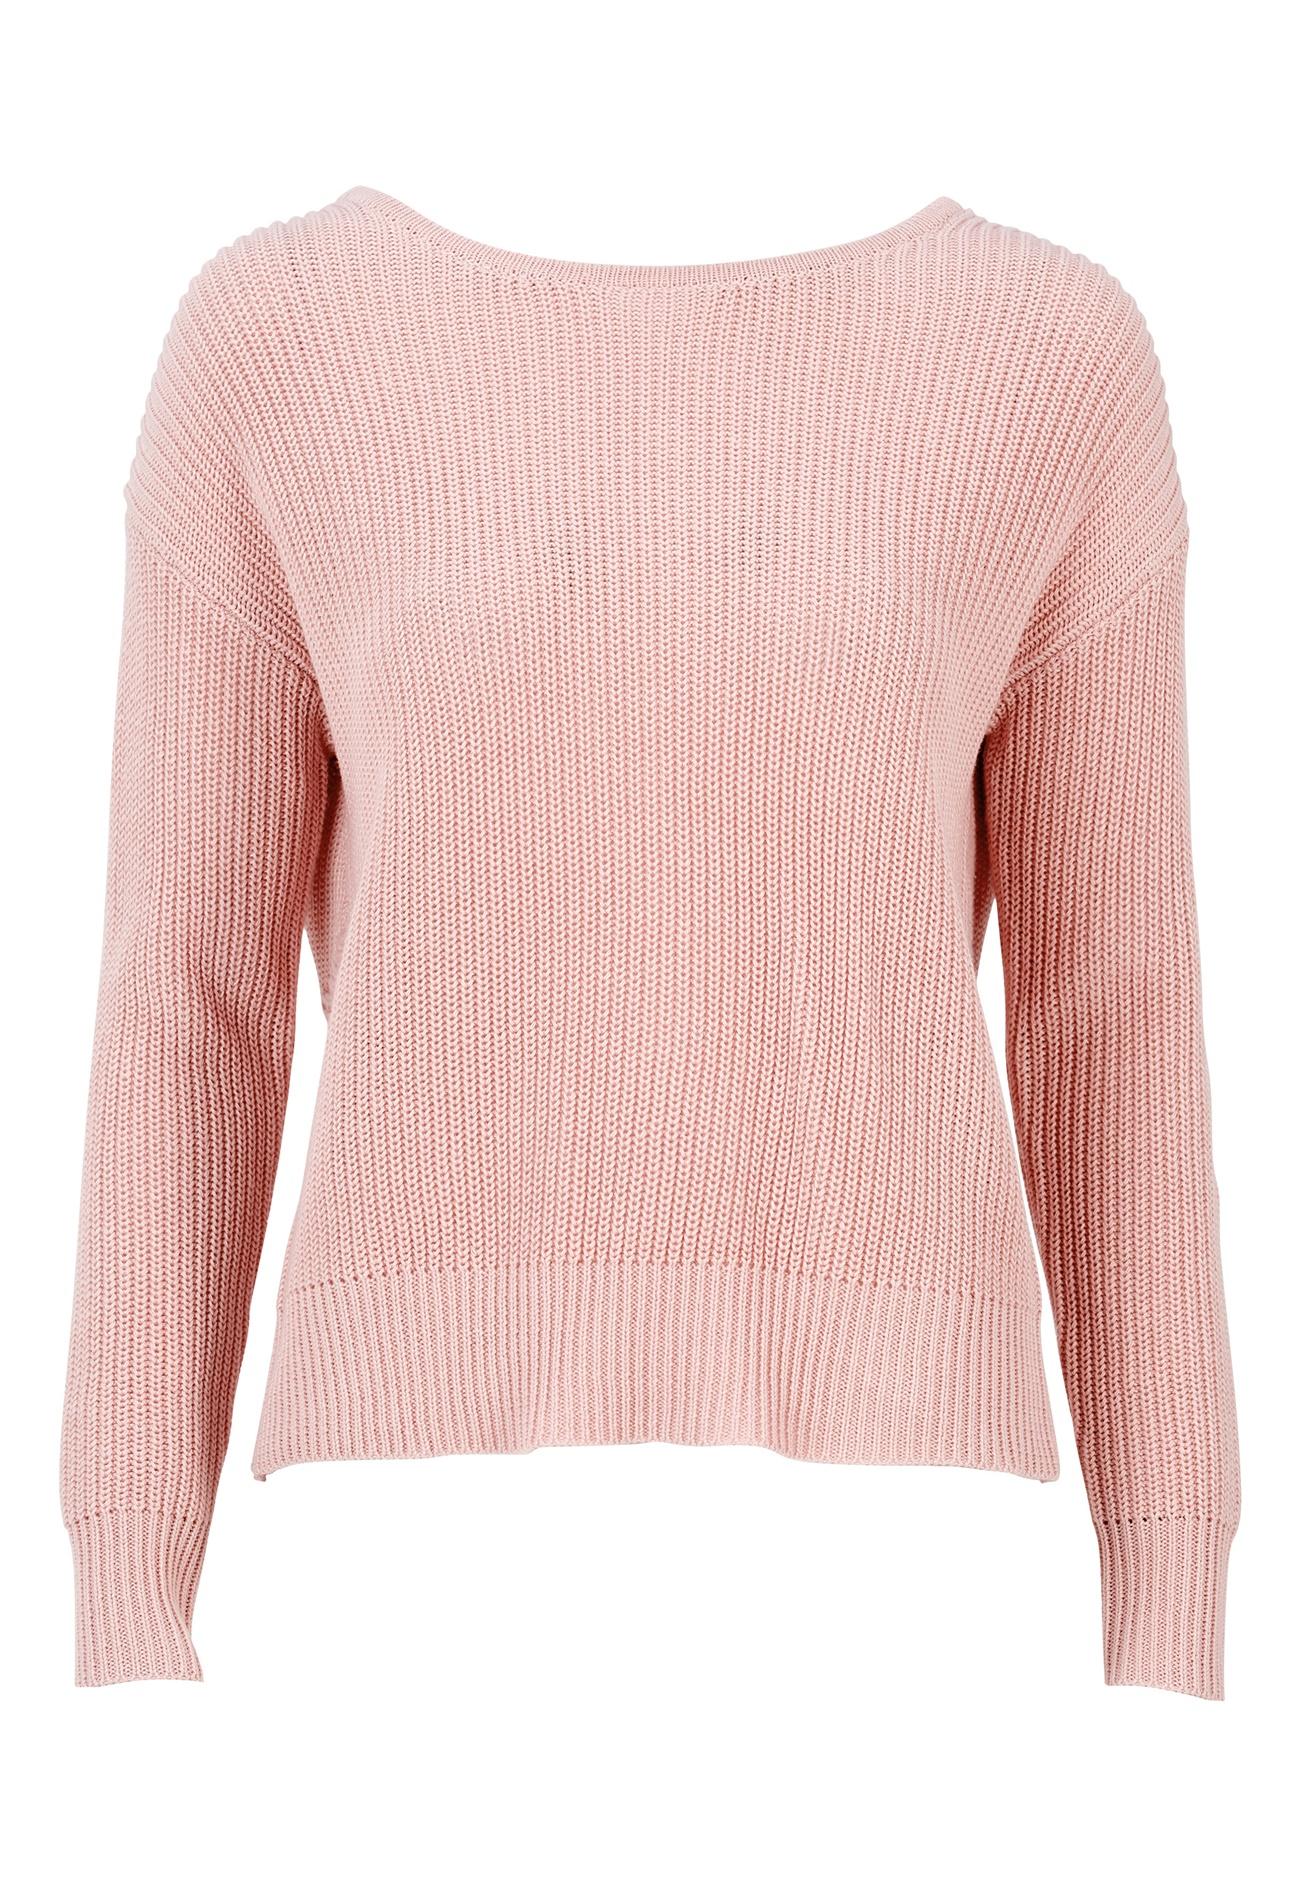 77thFLEA Damaris Sweater Dusty pink - Bubbleroom